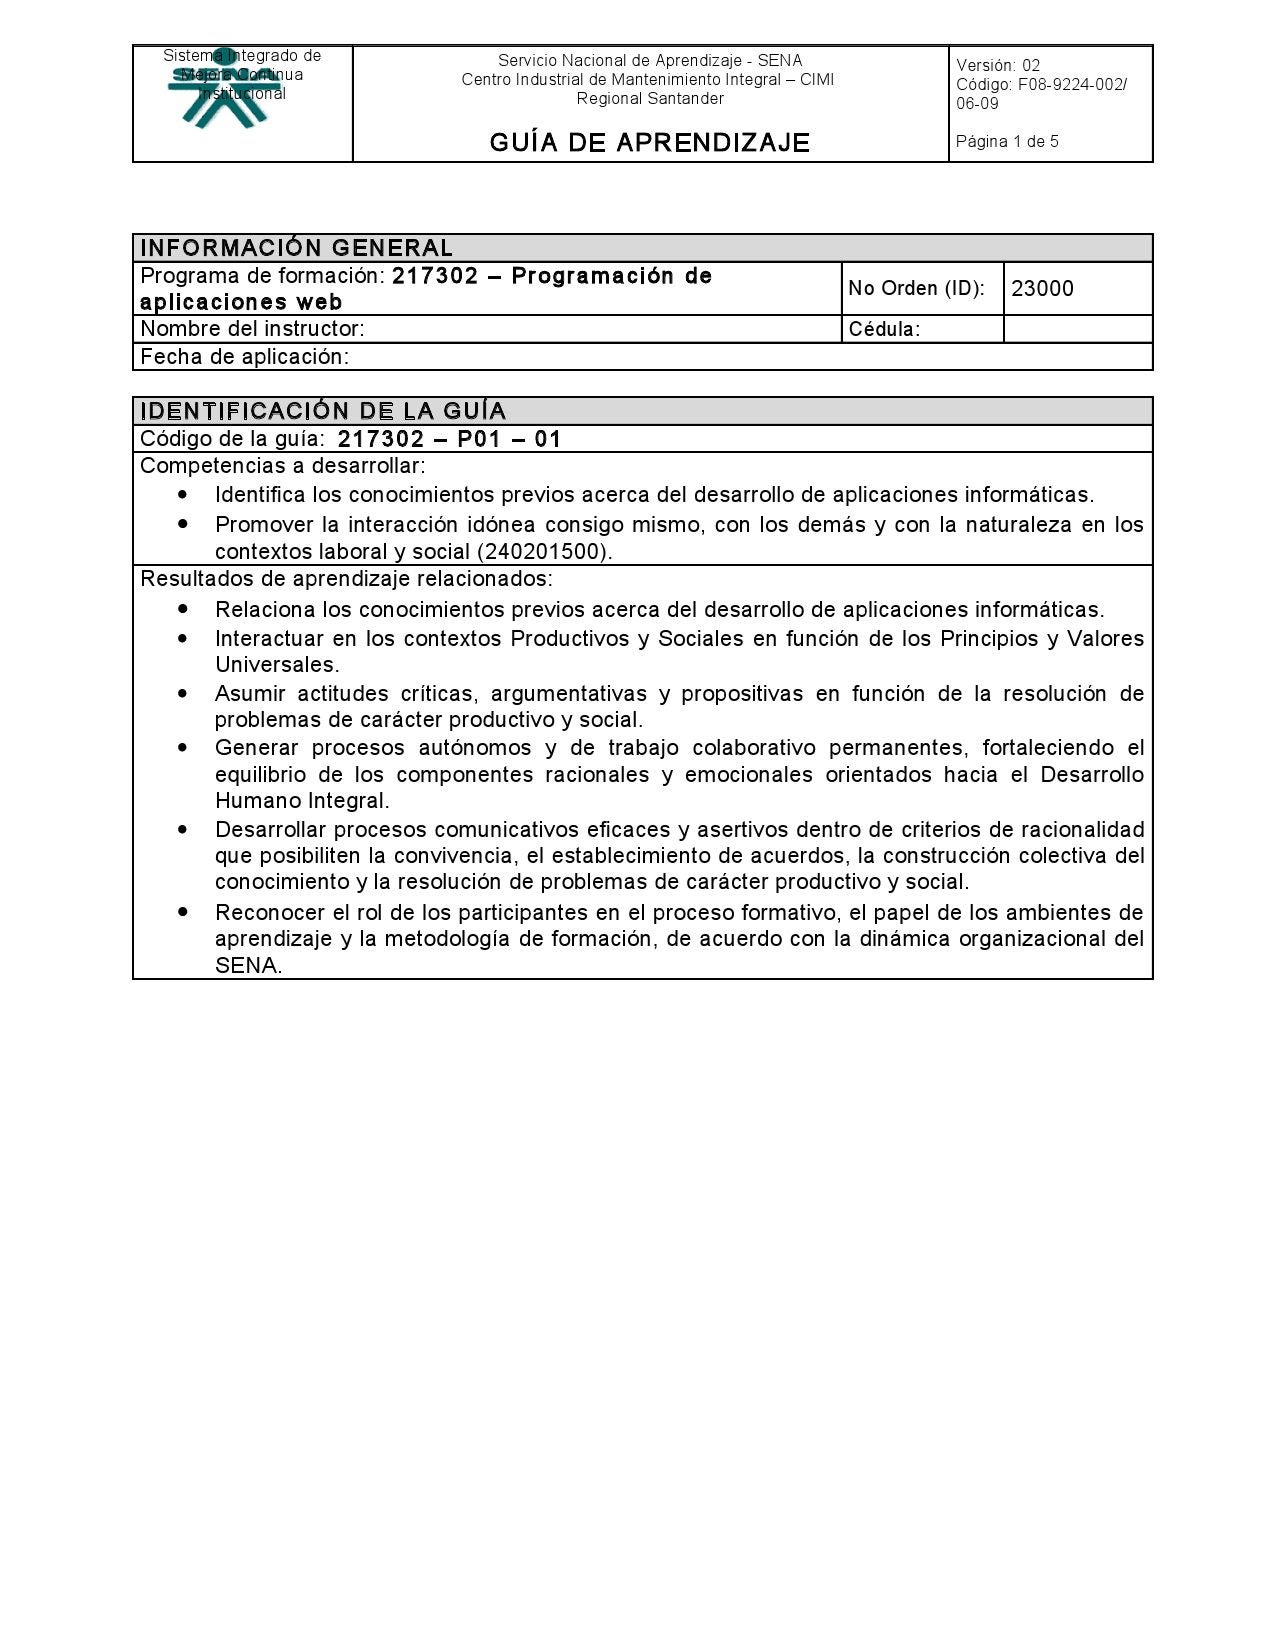 GUIA 01 - Identificación de aprendizajes previos by SENA CIMI ...